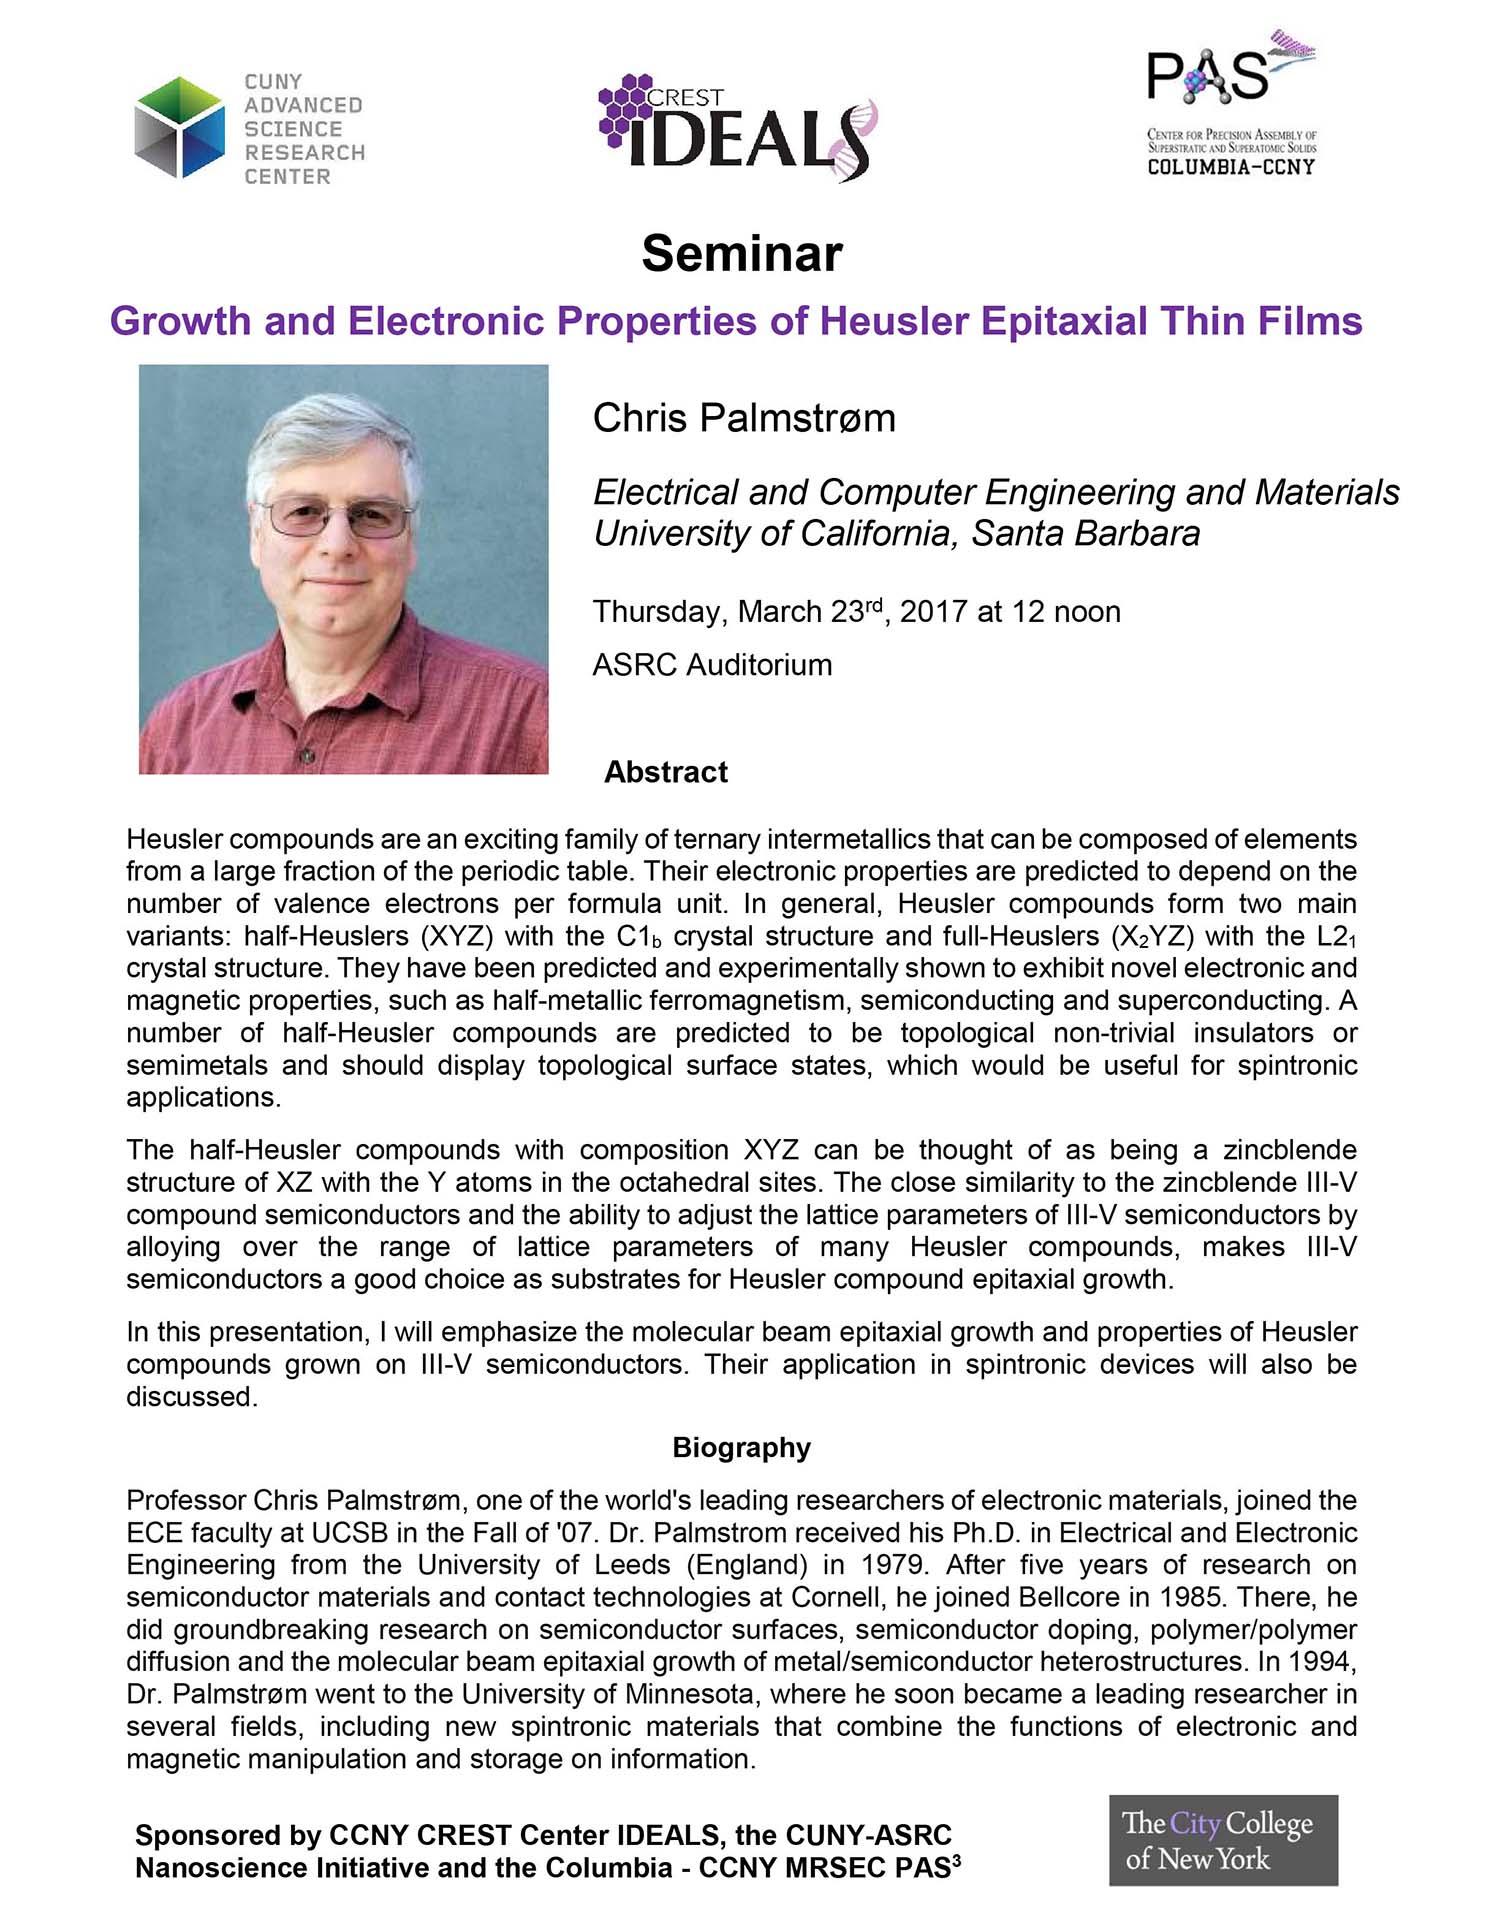 Chris Palmstrom Seminar